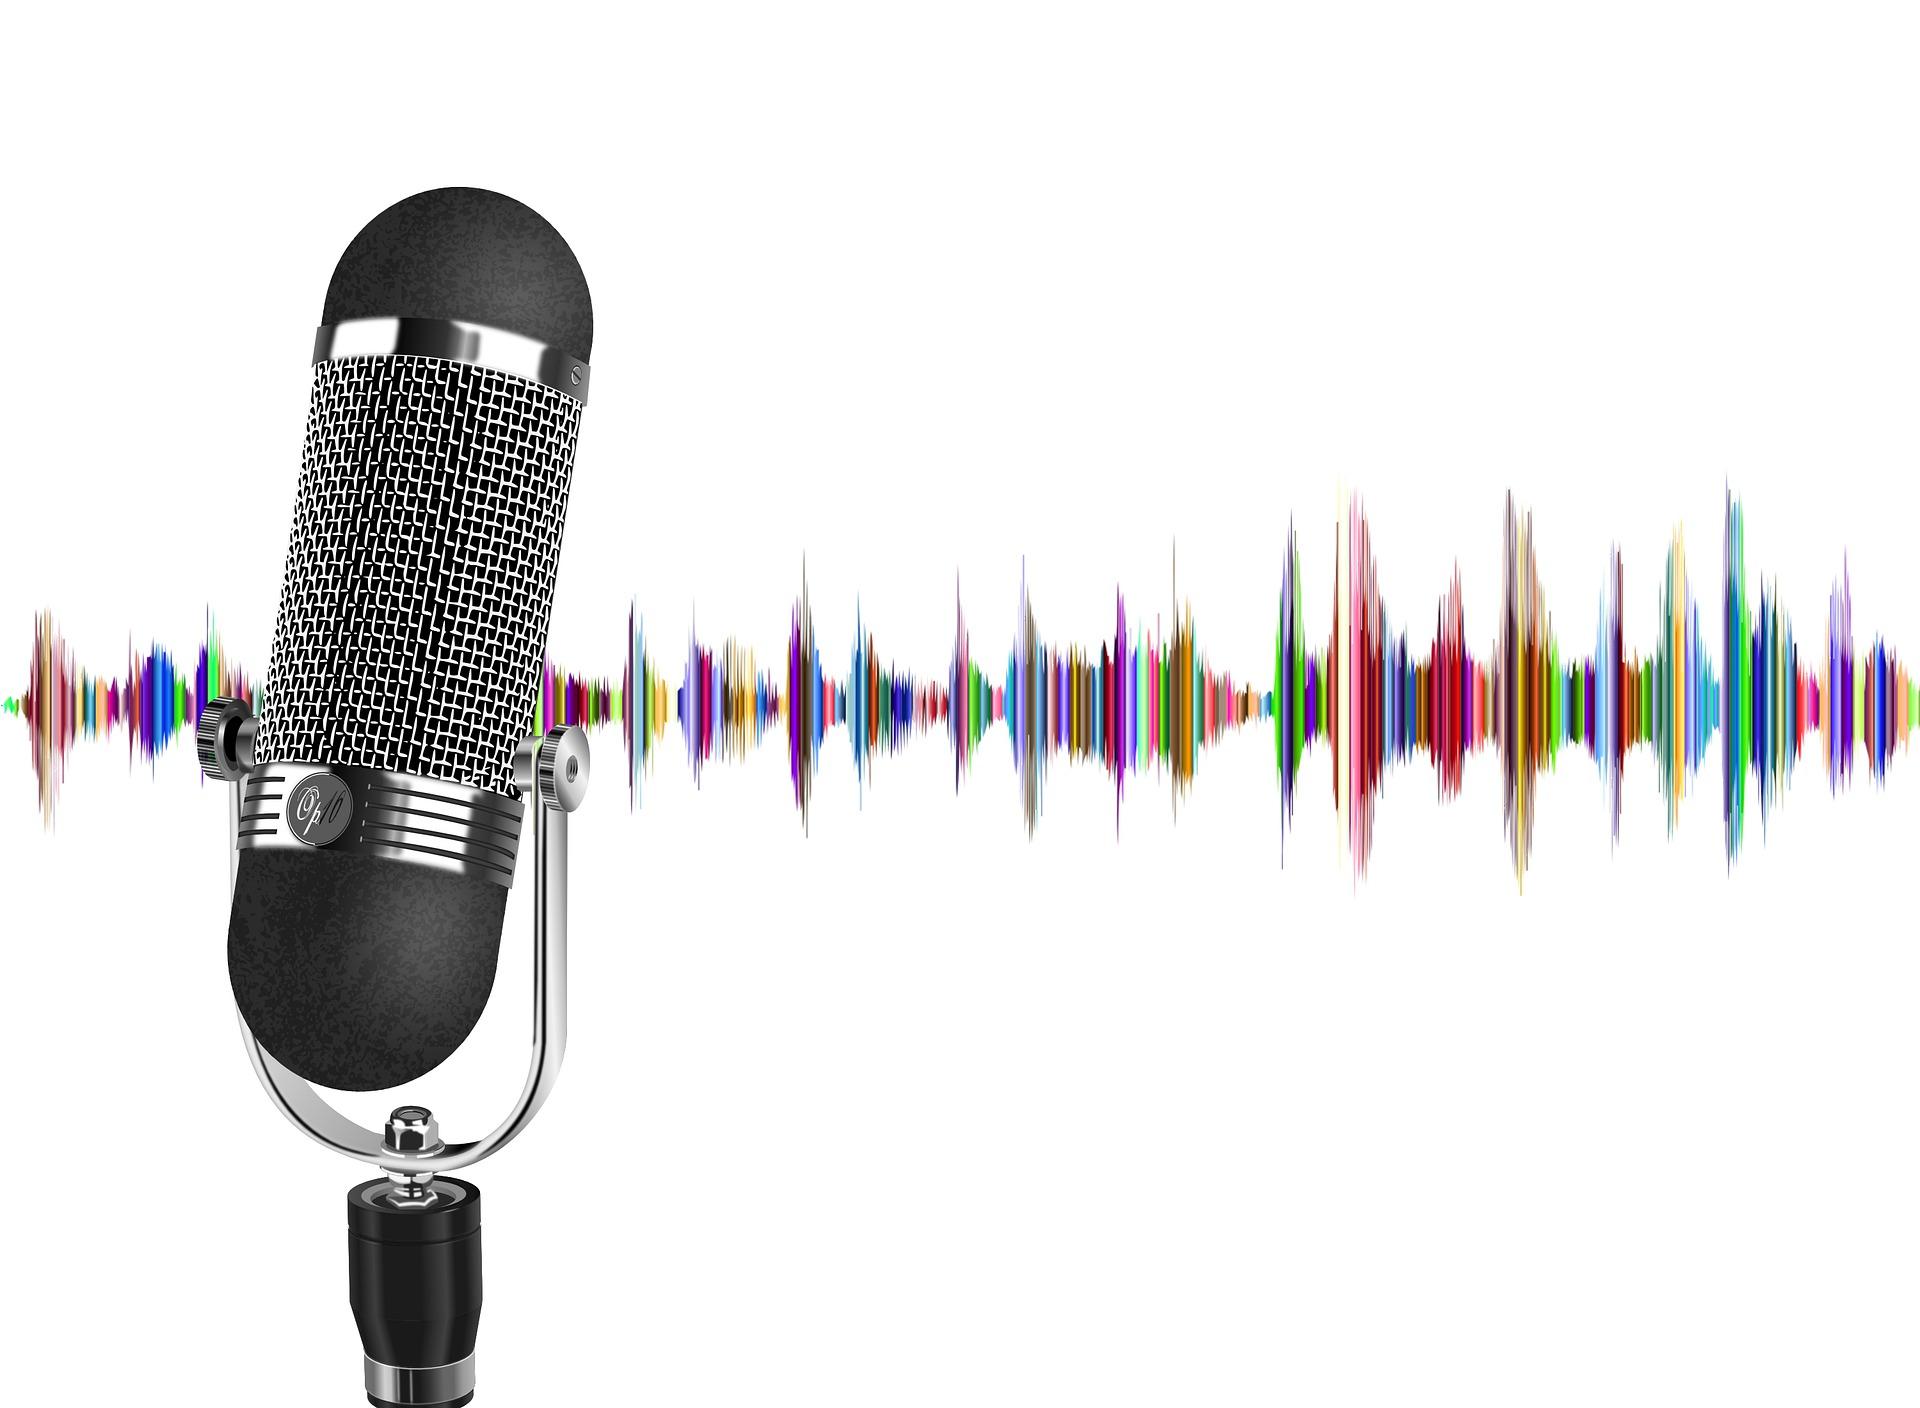 podcast-4209770_1920.jpg